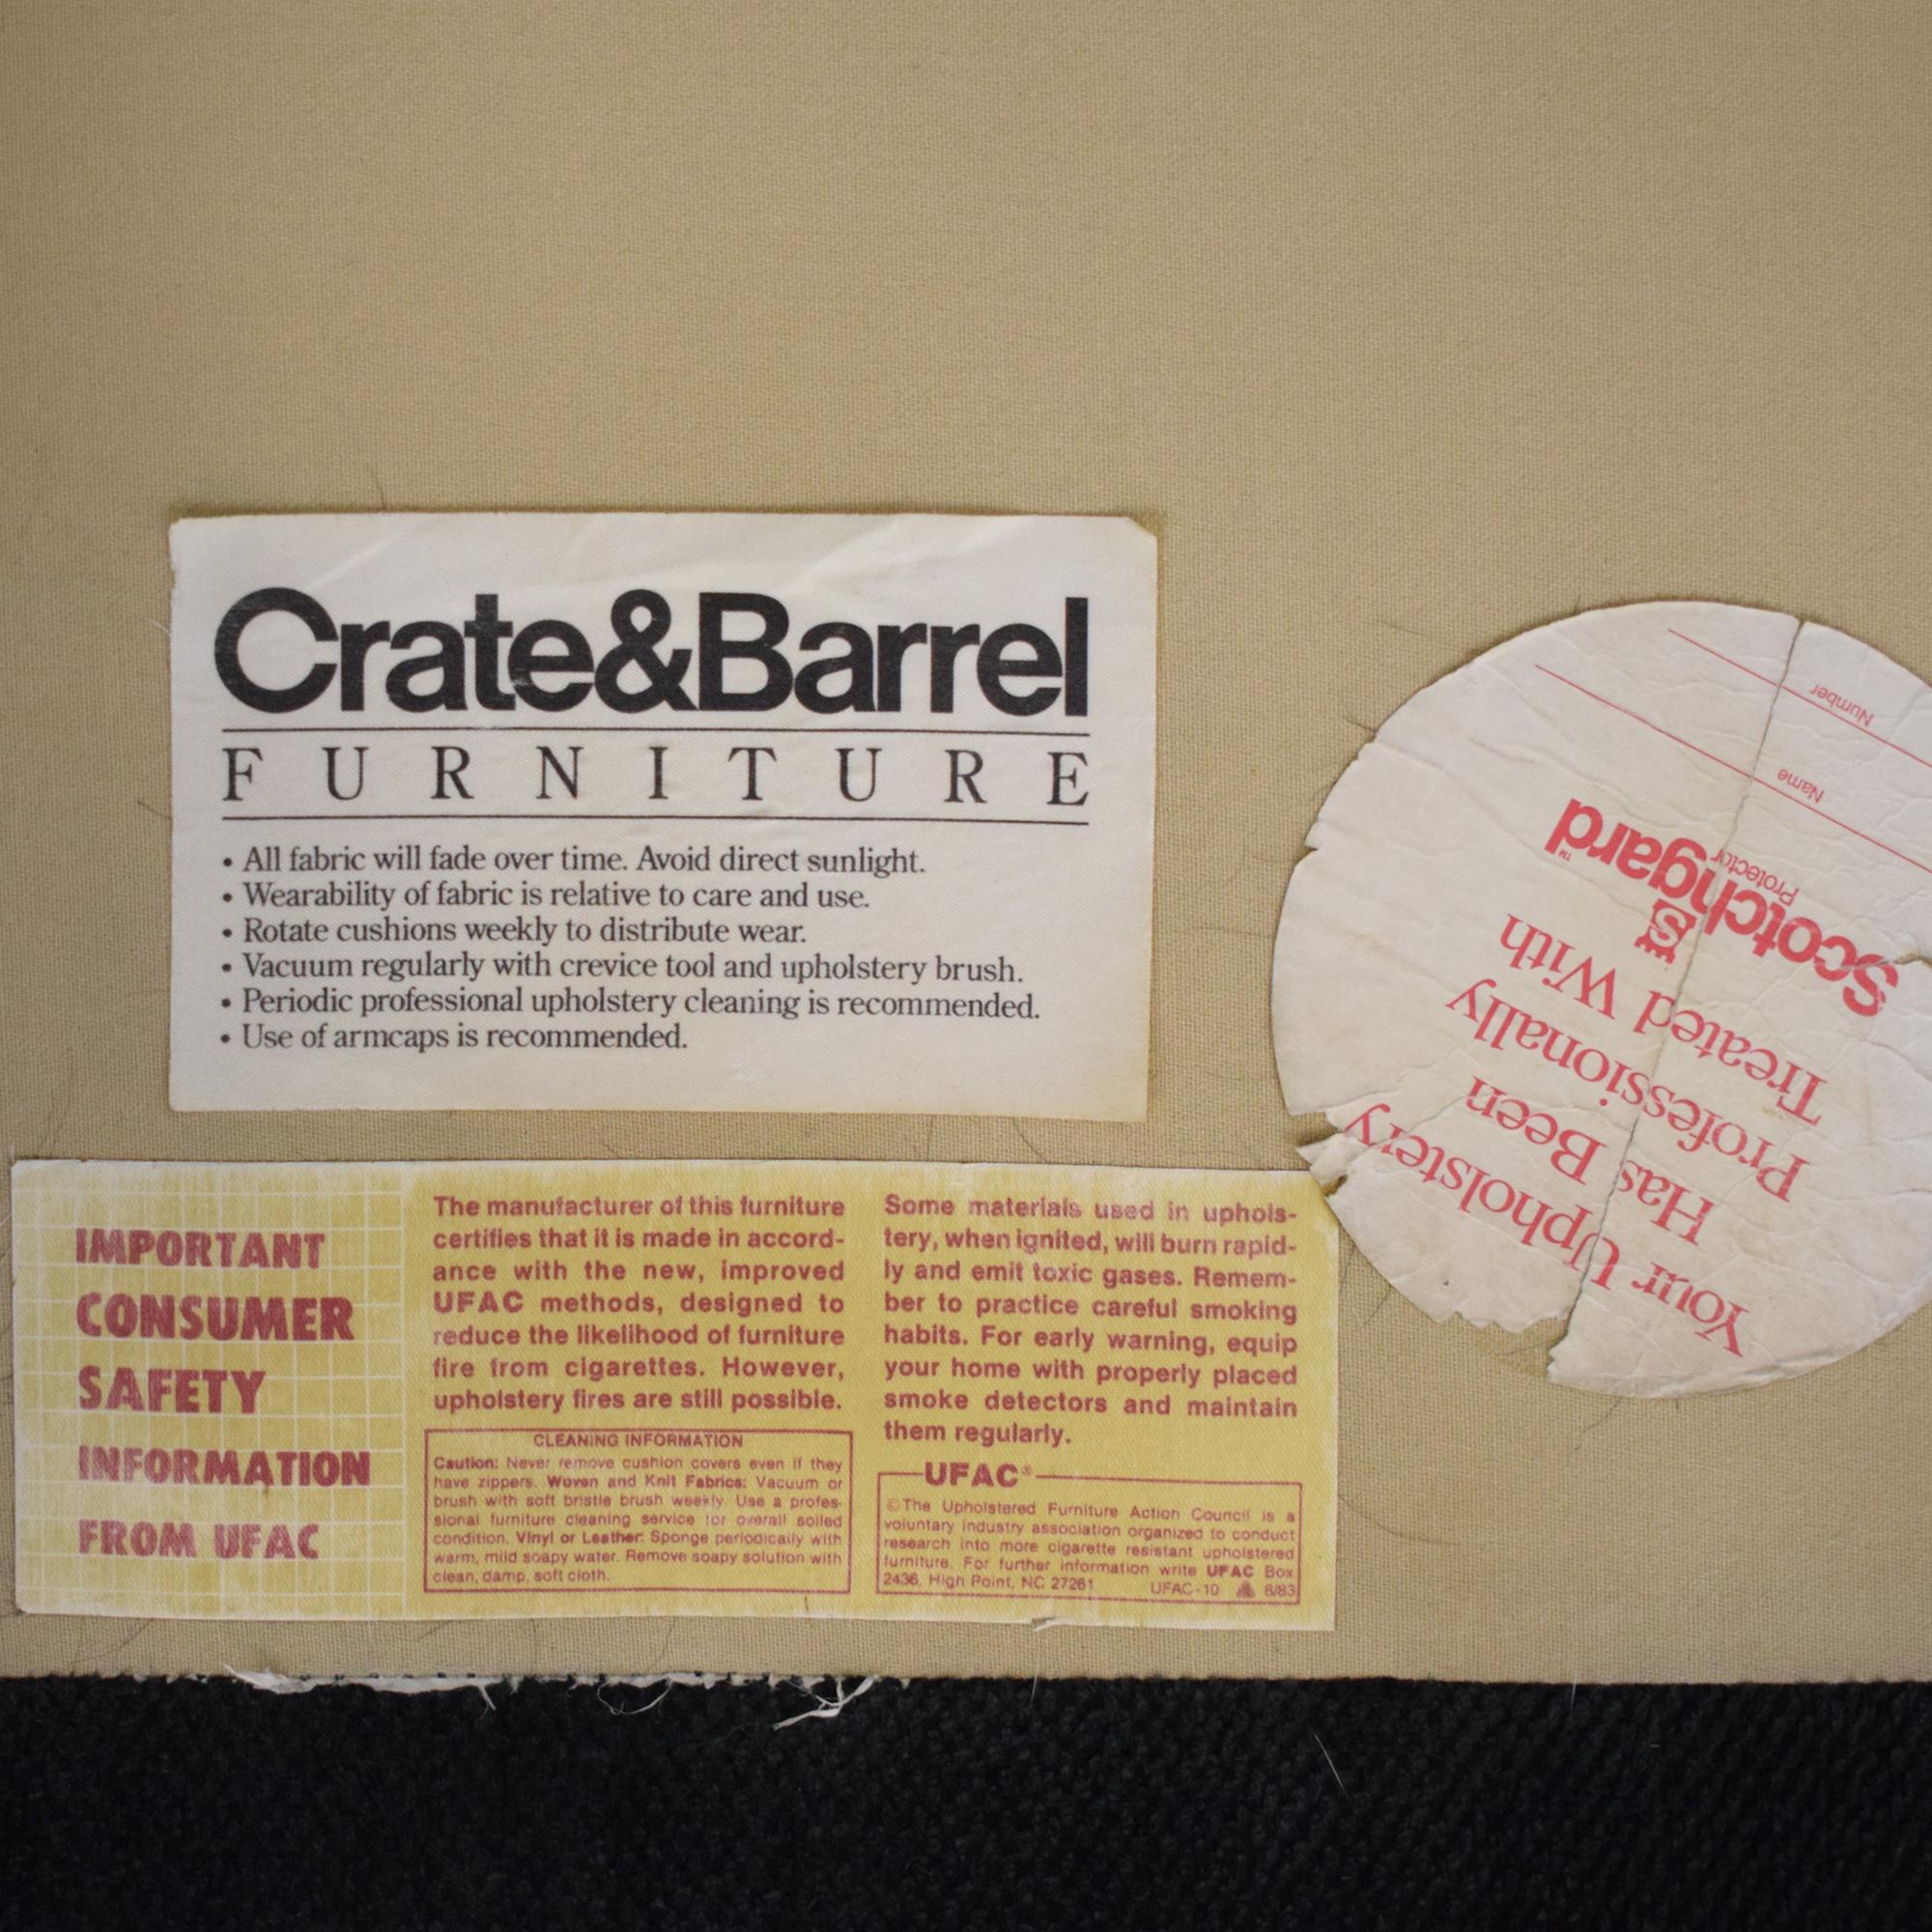 Crate & Barrel Crate & Barrel Sofa for sale